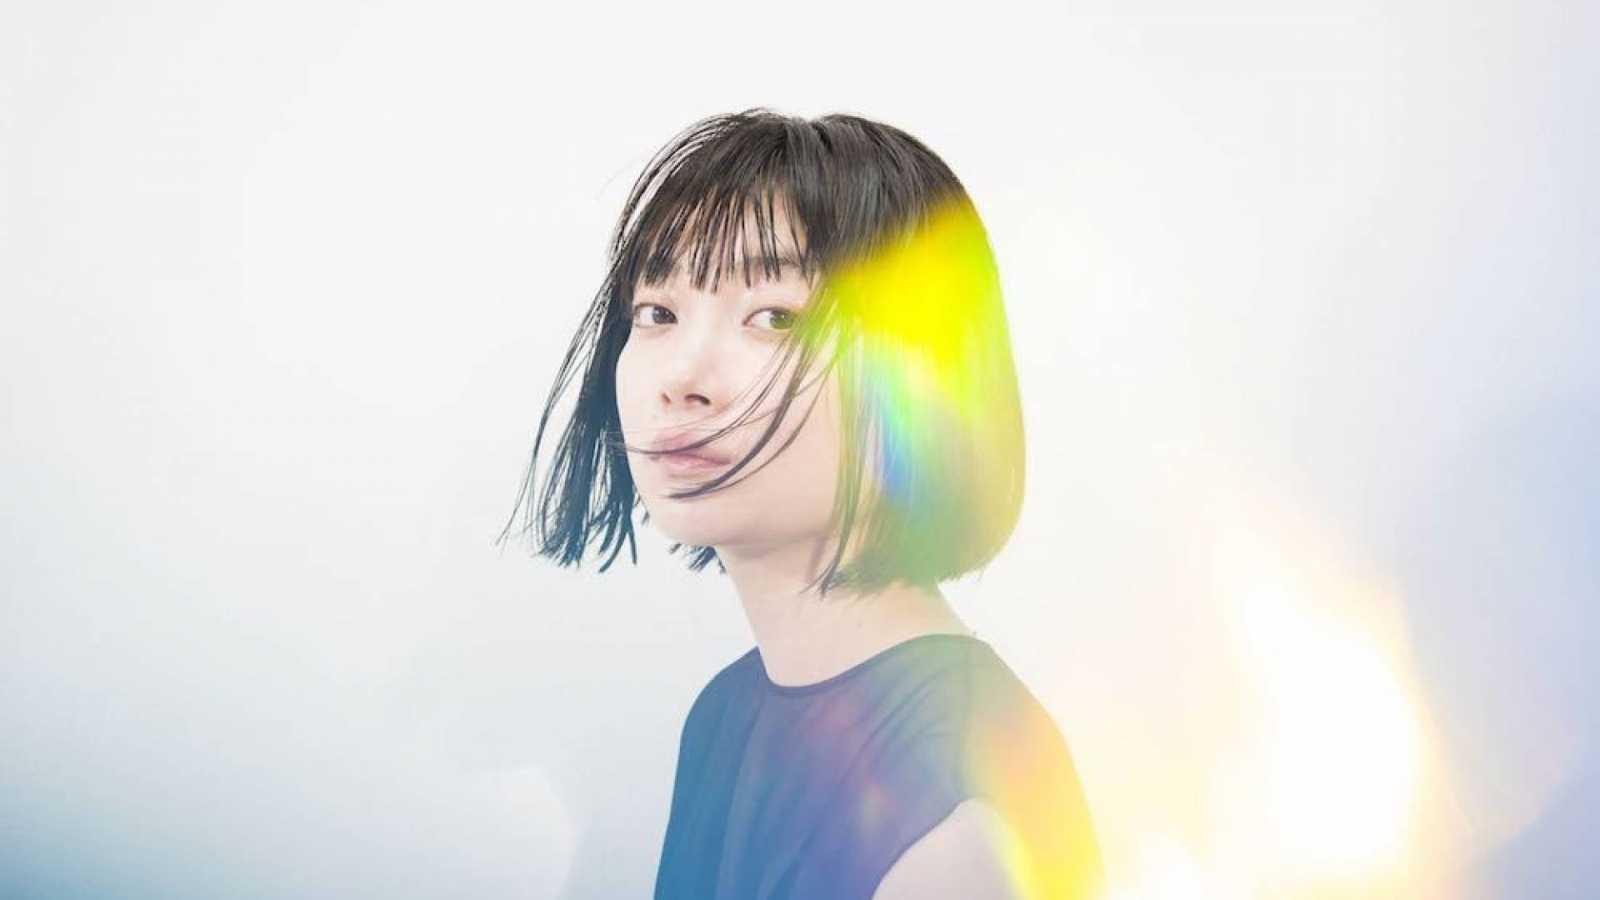 Toko Miura © Toko Miura